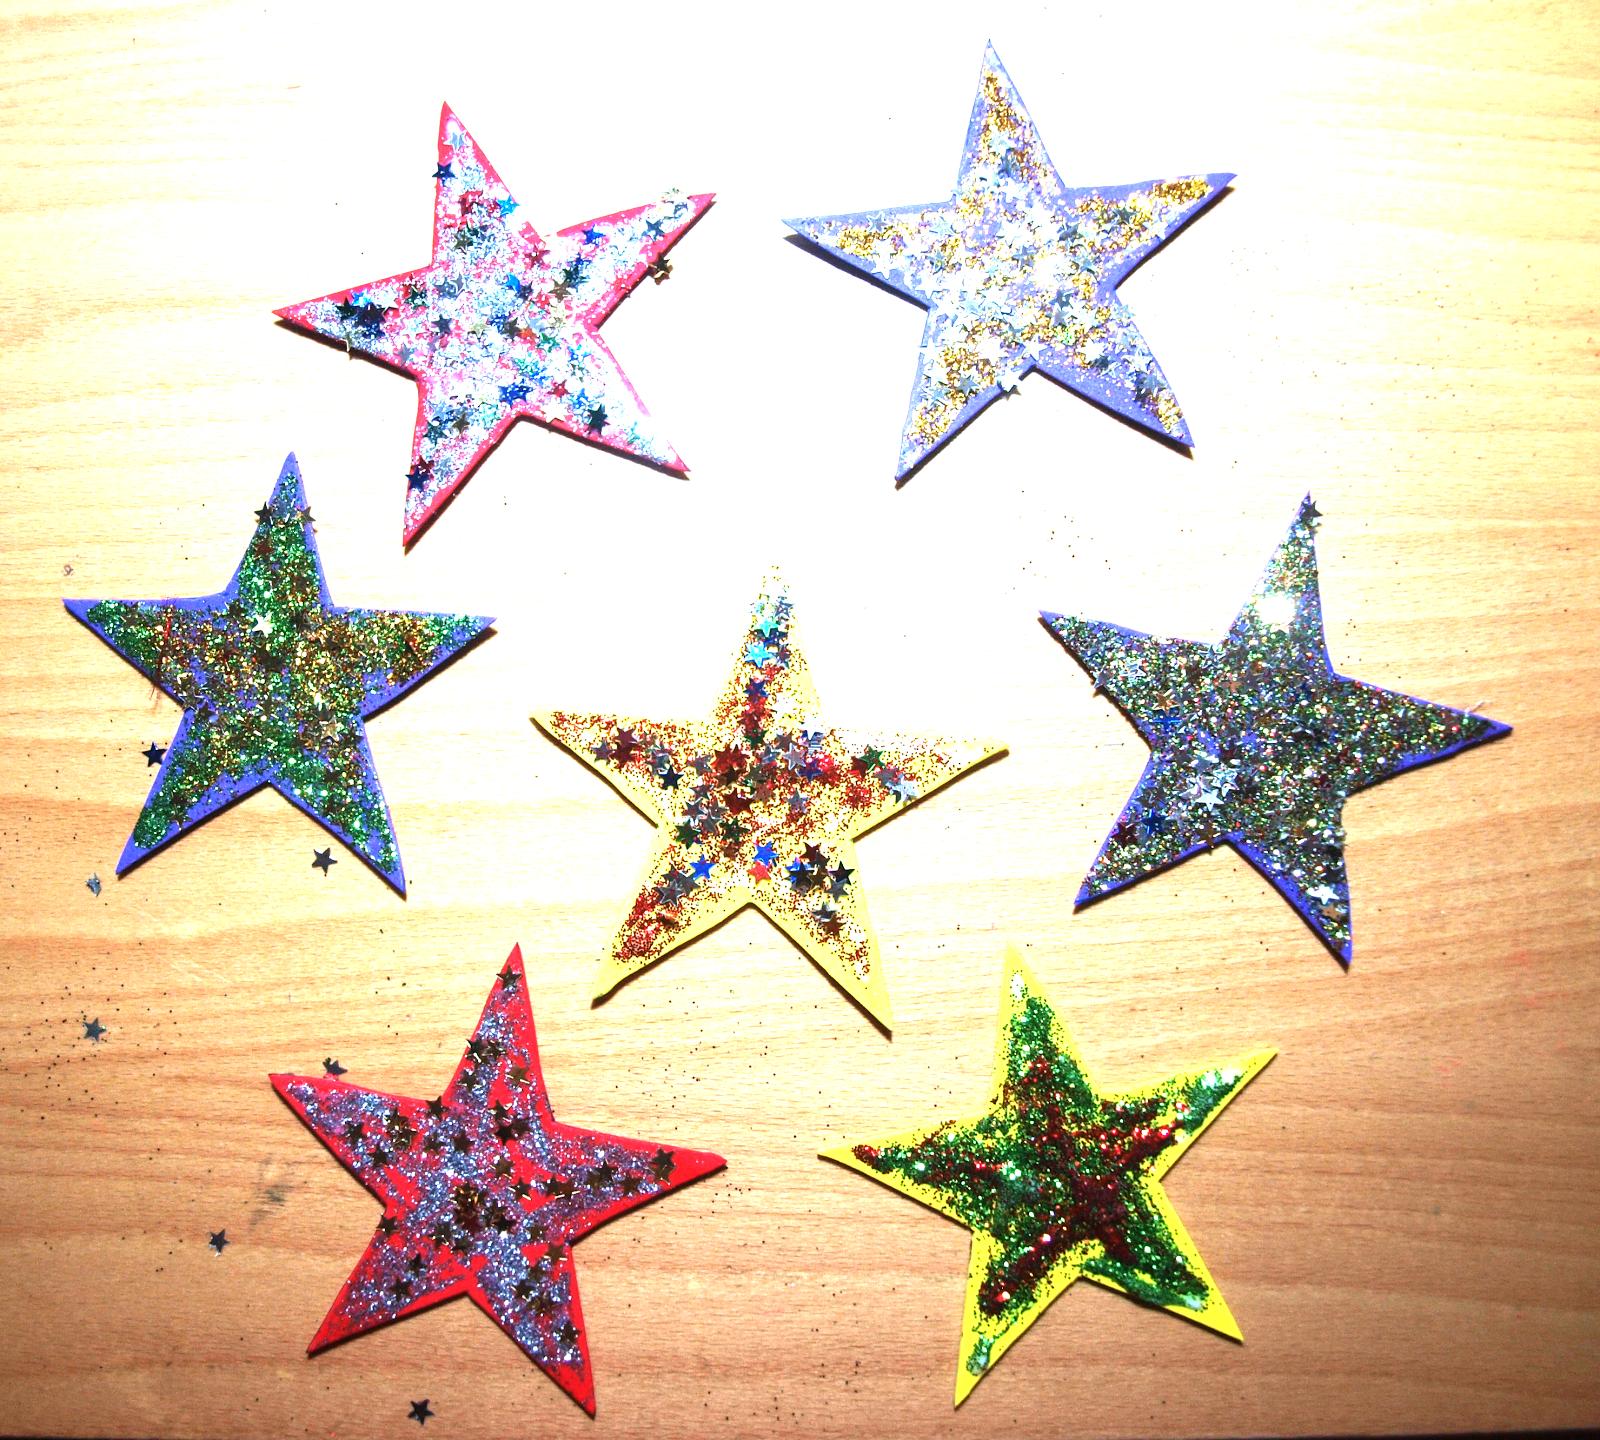 Como Decorar Una Estrella De Navidad Para Ninos.Manualnavidades Manualidades Para Navidad Mas Estrellas